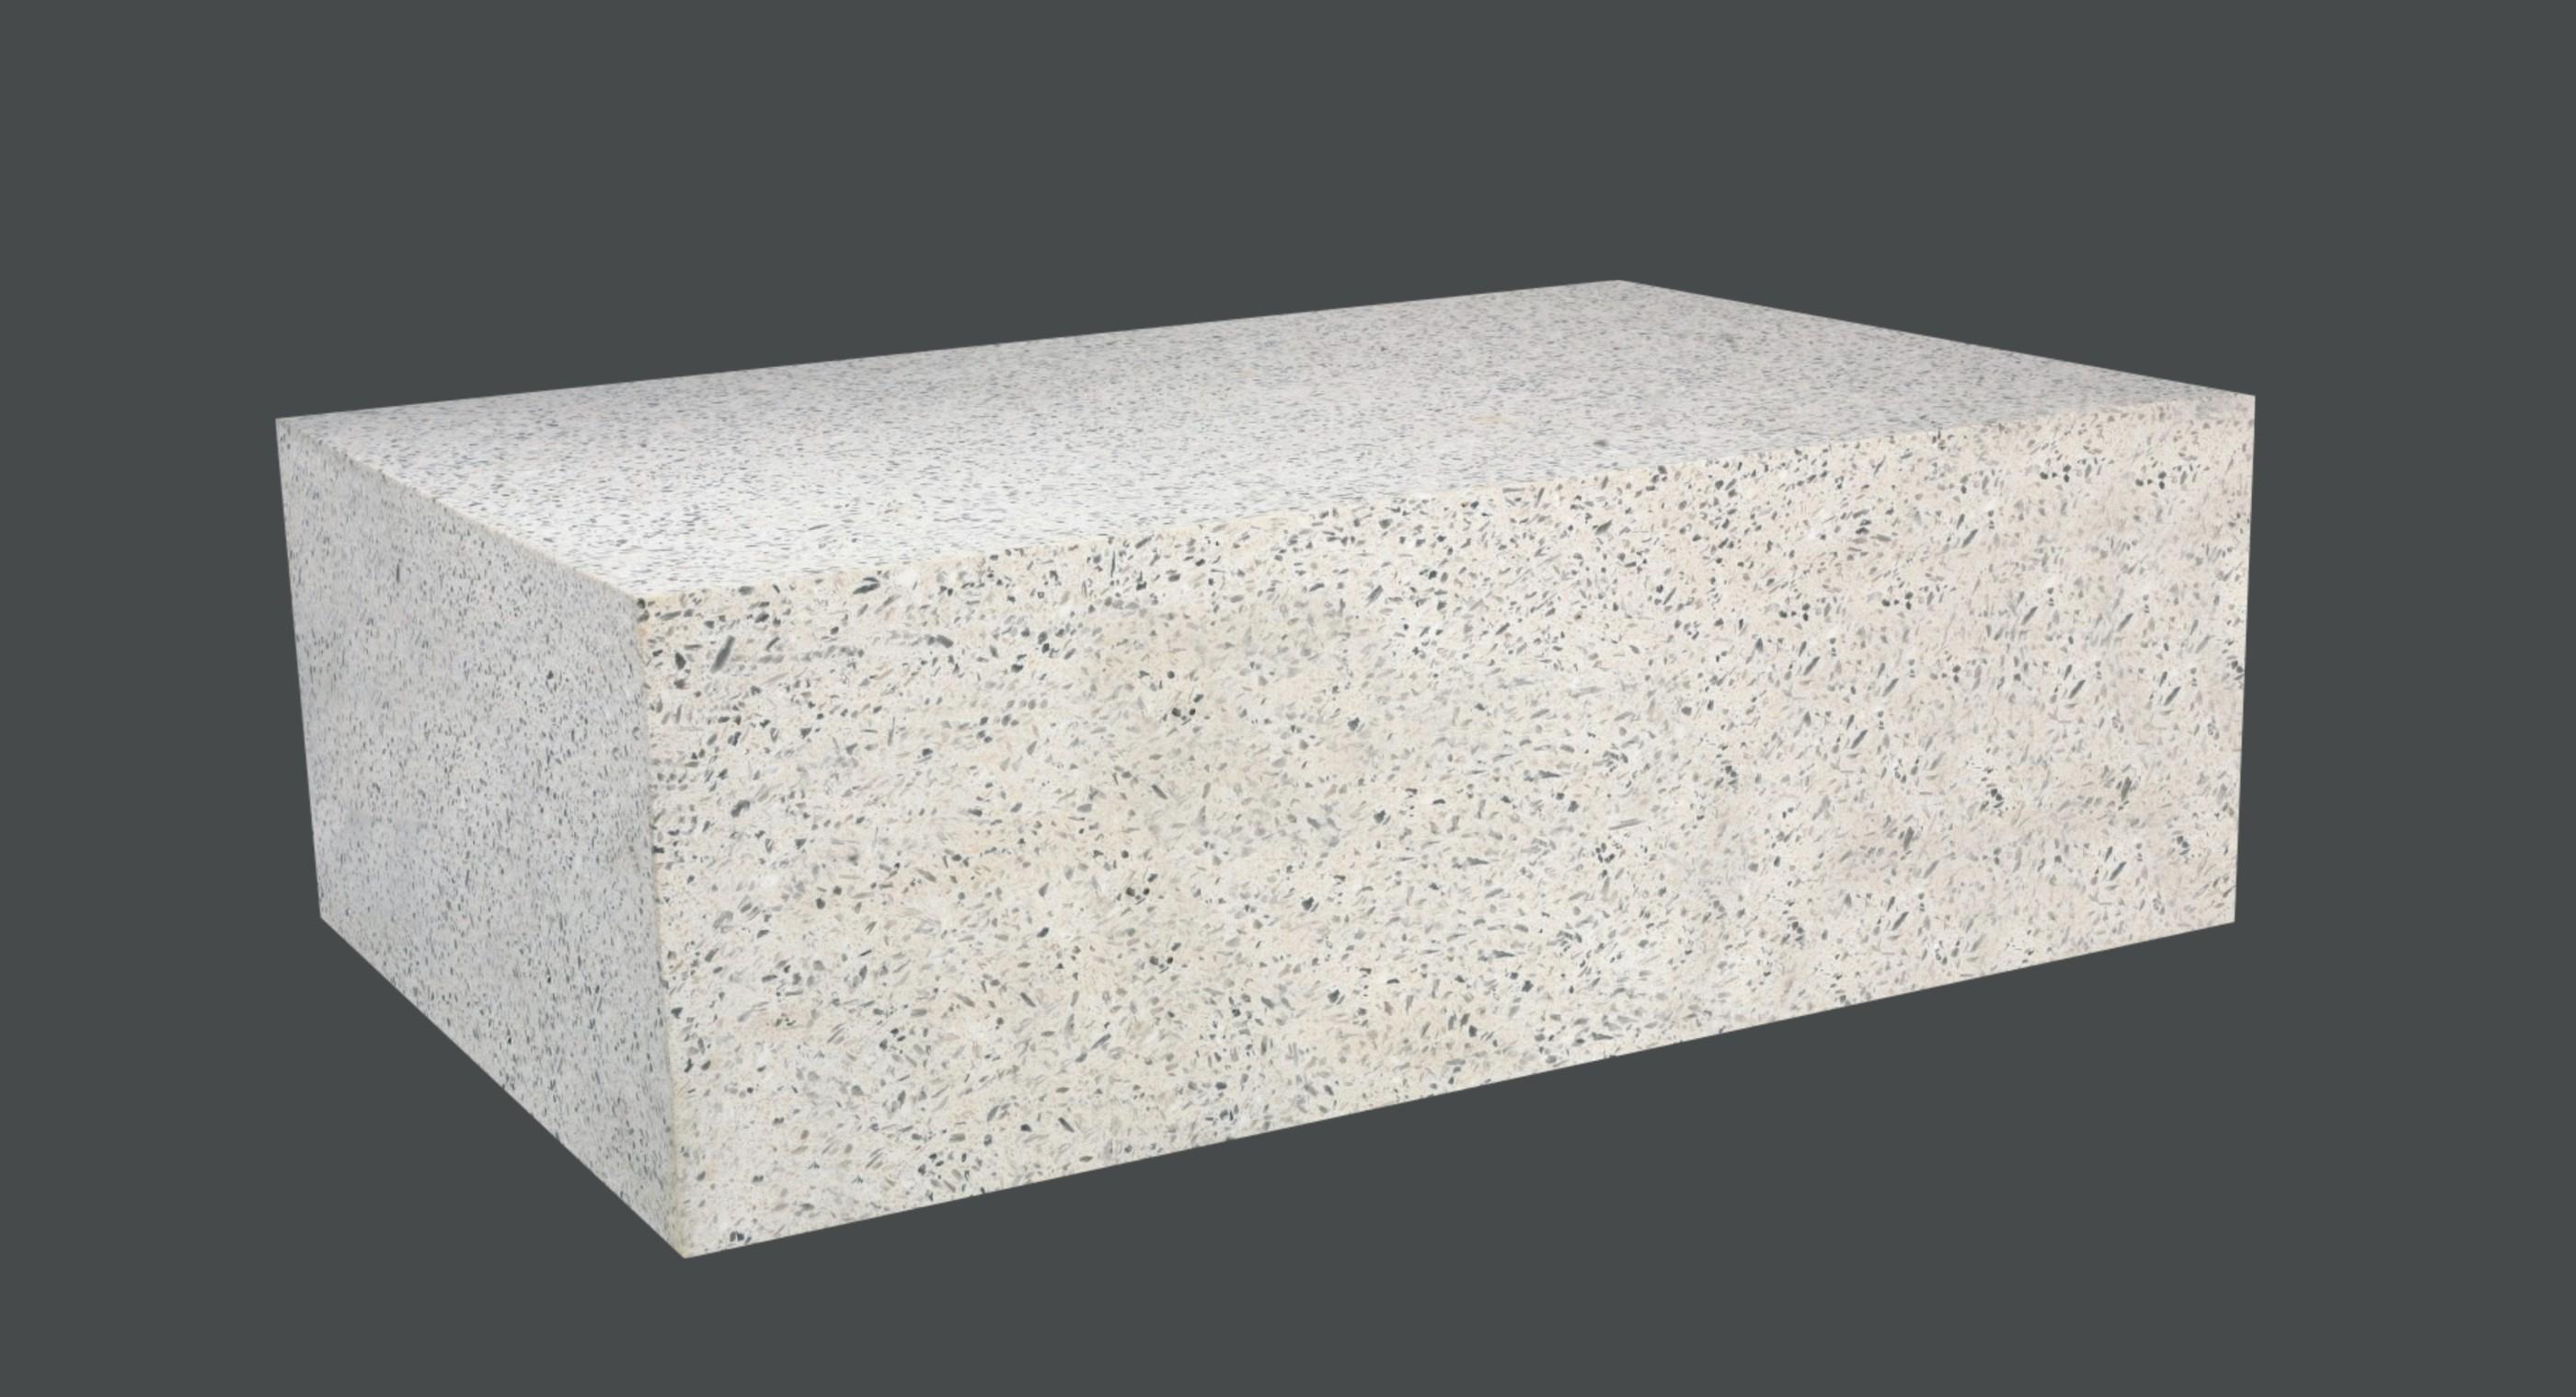 硅线石万博官方系列-万博官方砖